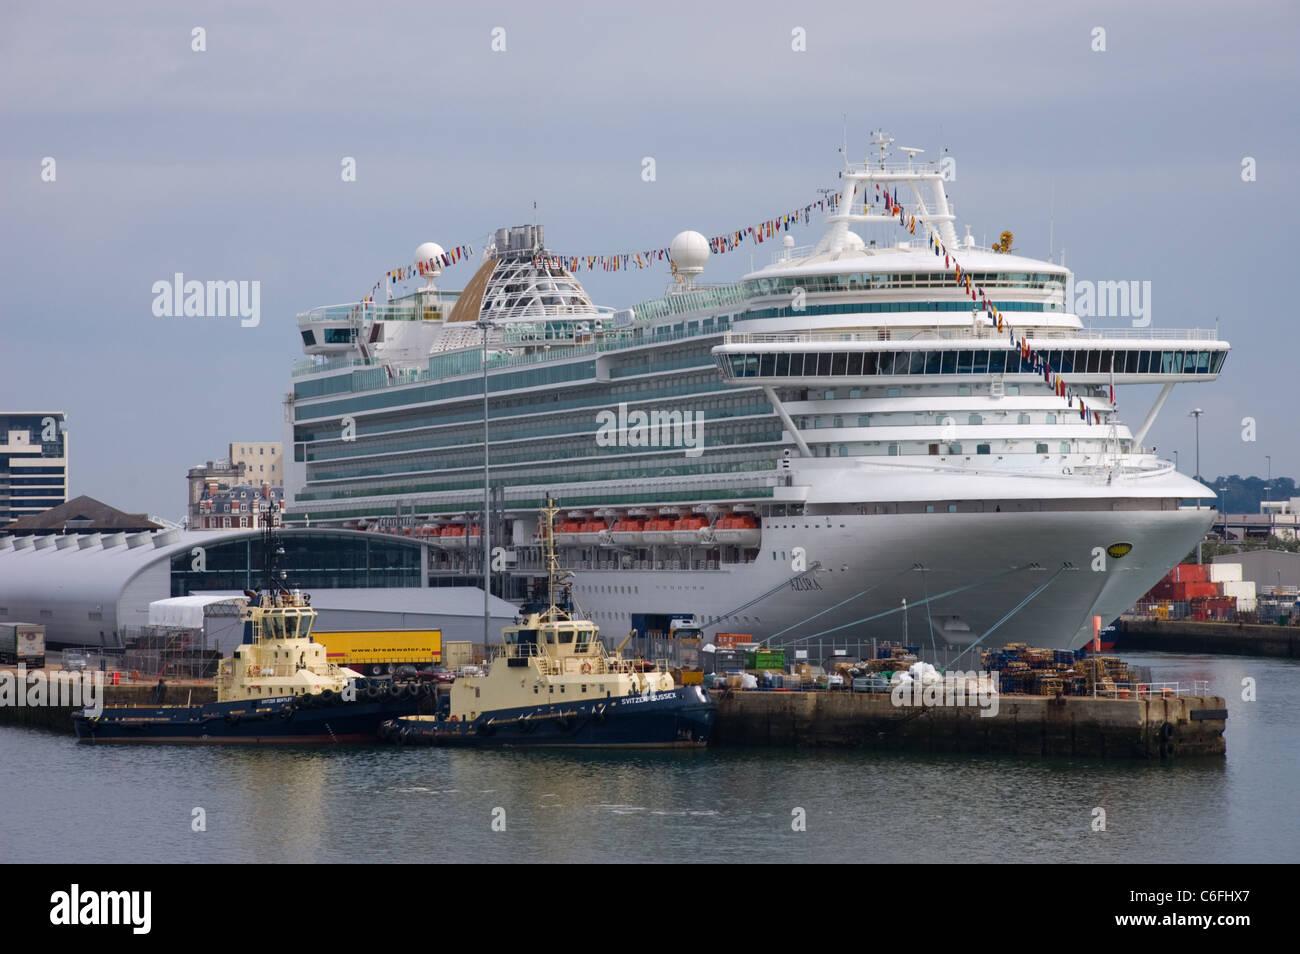 Azura, eines der größten Kreuzfahrtschiff der P & O Cruises Flotte Schiffe, angedockt an Southampton. Stockfoto